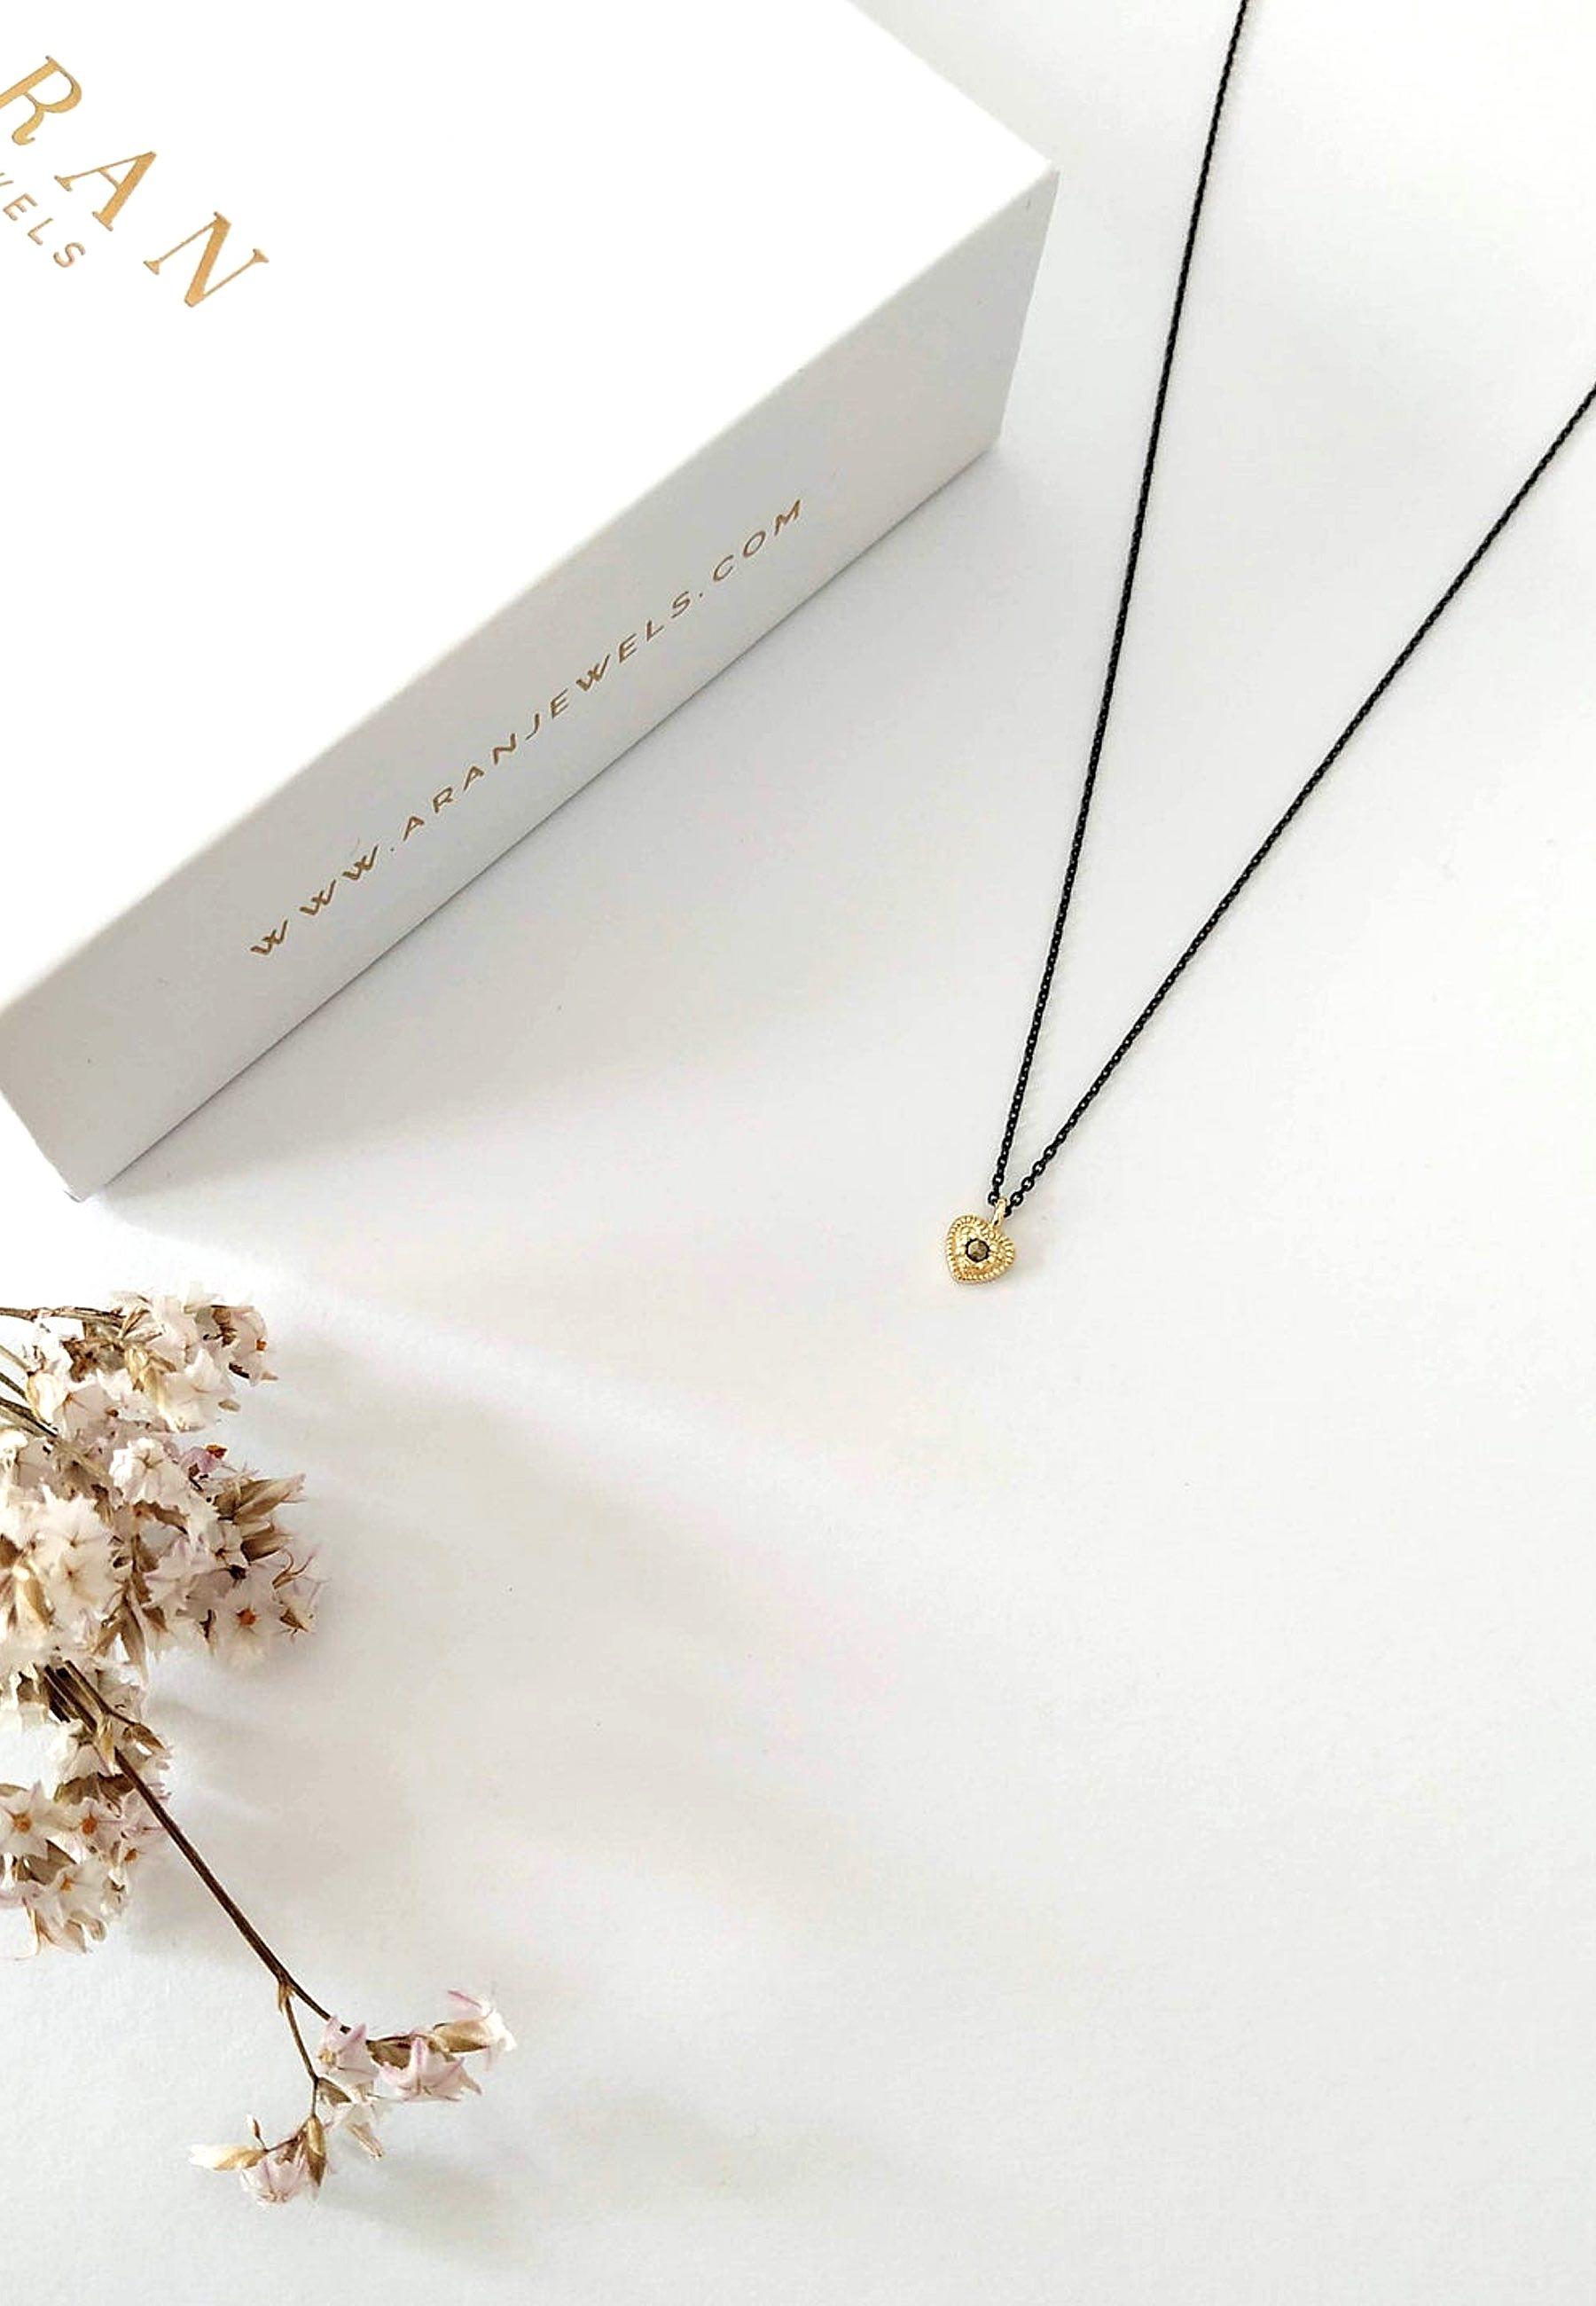 Collar corazon piedra marcasite oro detalle